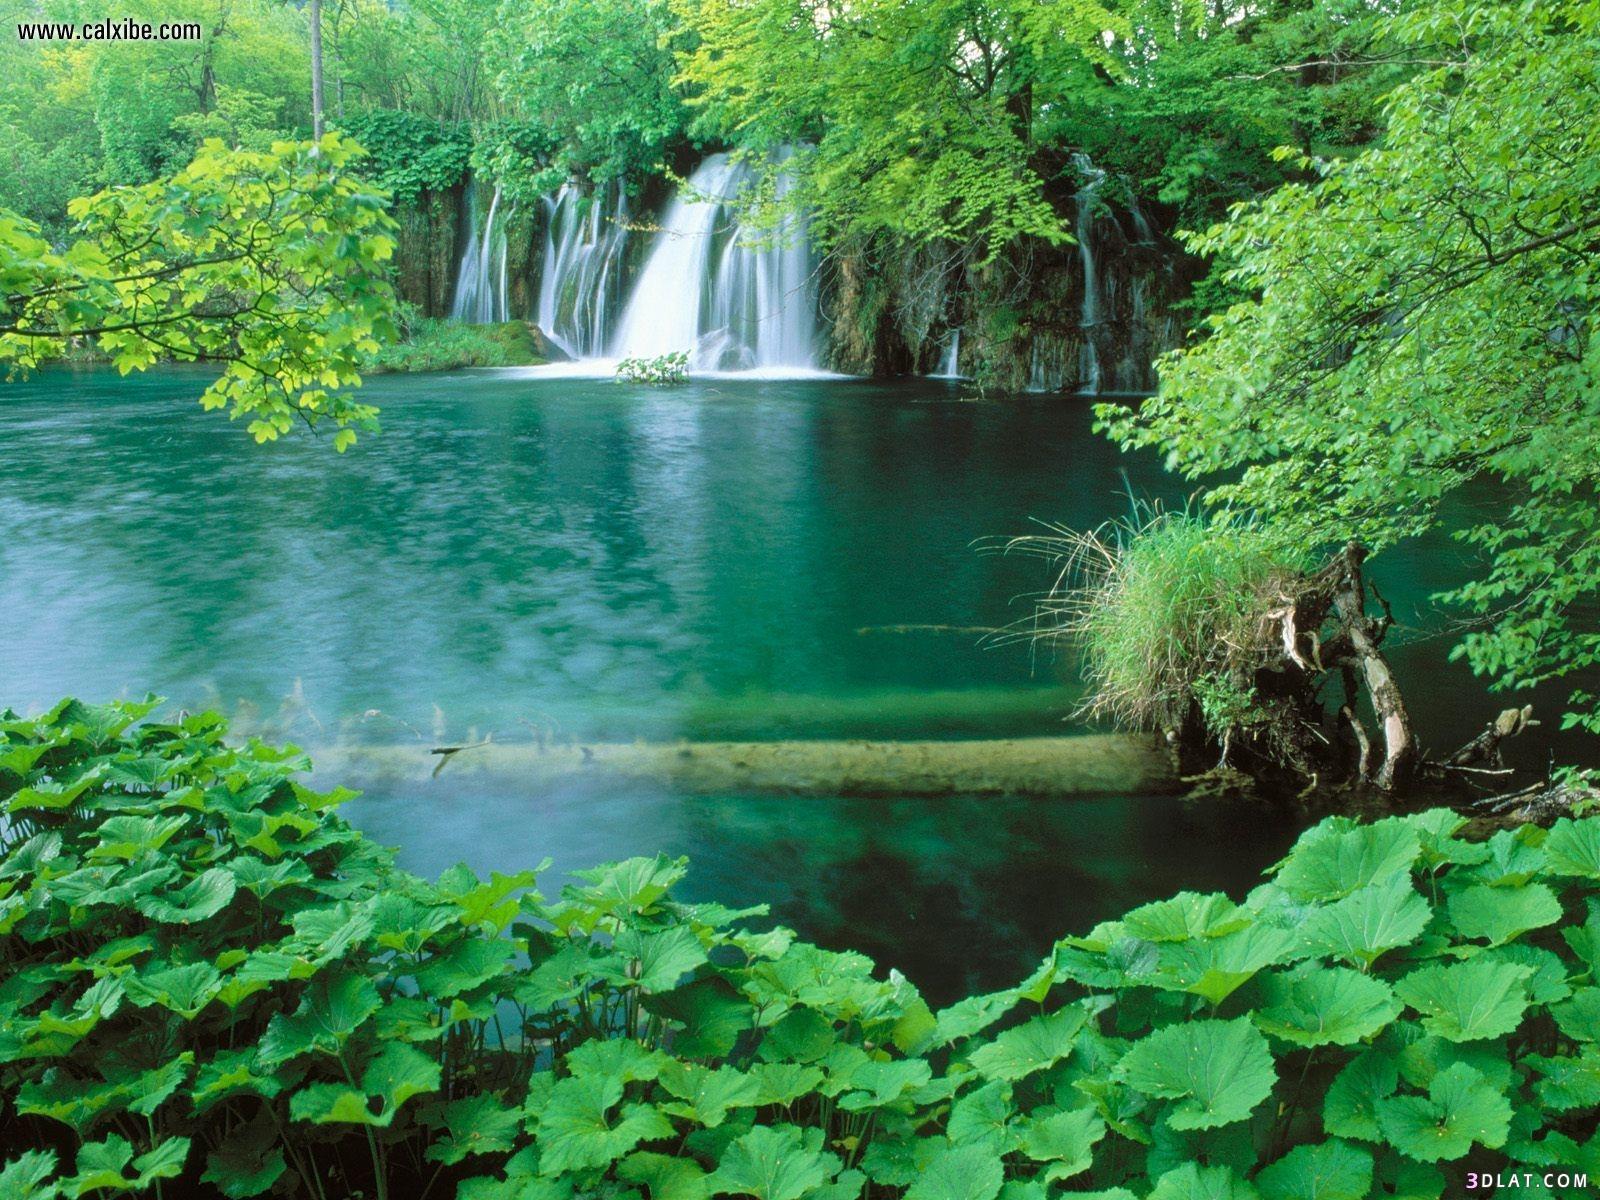 الطبيعه الخضراء شلالات طبيعية خلفيات الطبيعه 3dlat.com_17_18_42c8